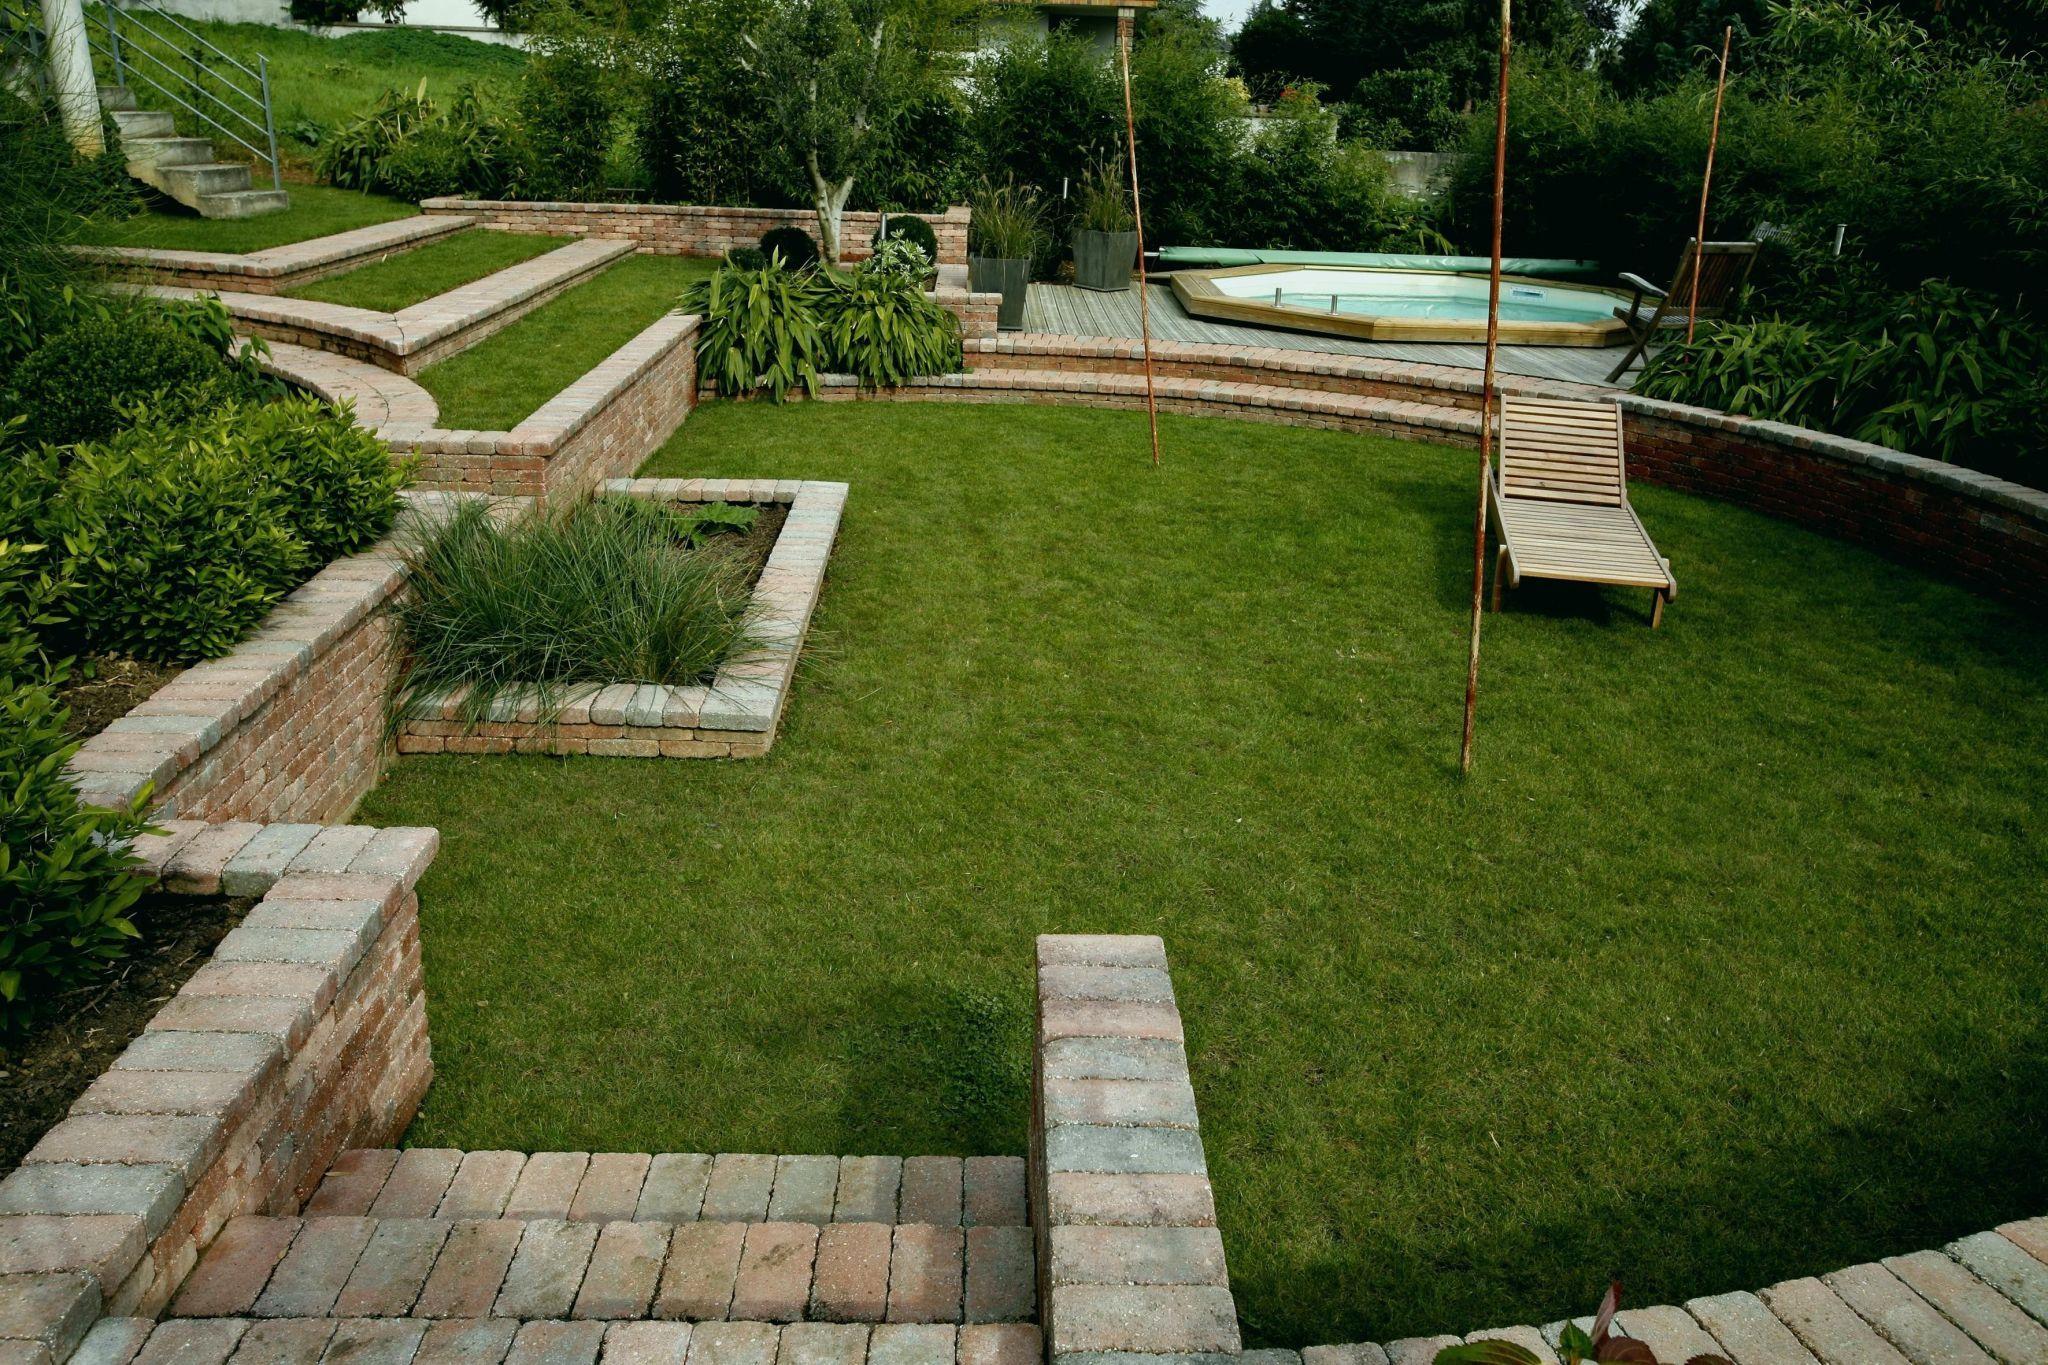 Aménager Son Jardin   Amenagement Jardin, Jardin En Pente ... tout Comment Aménager Son Jardin Pas Cher